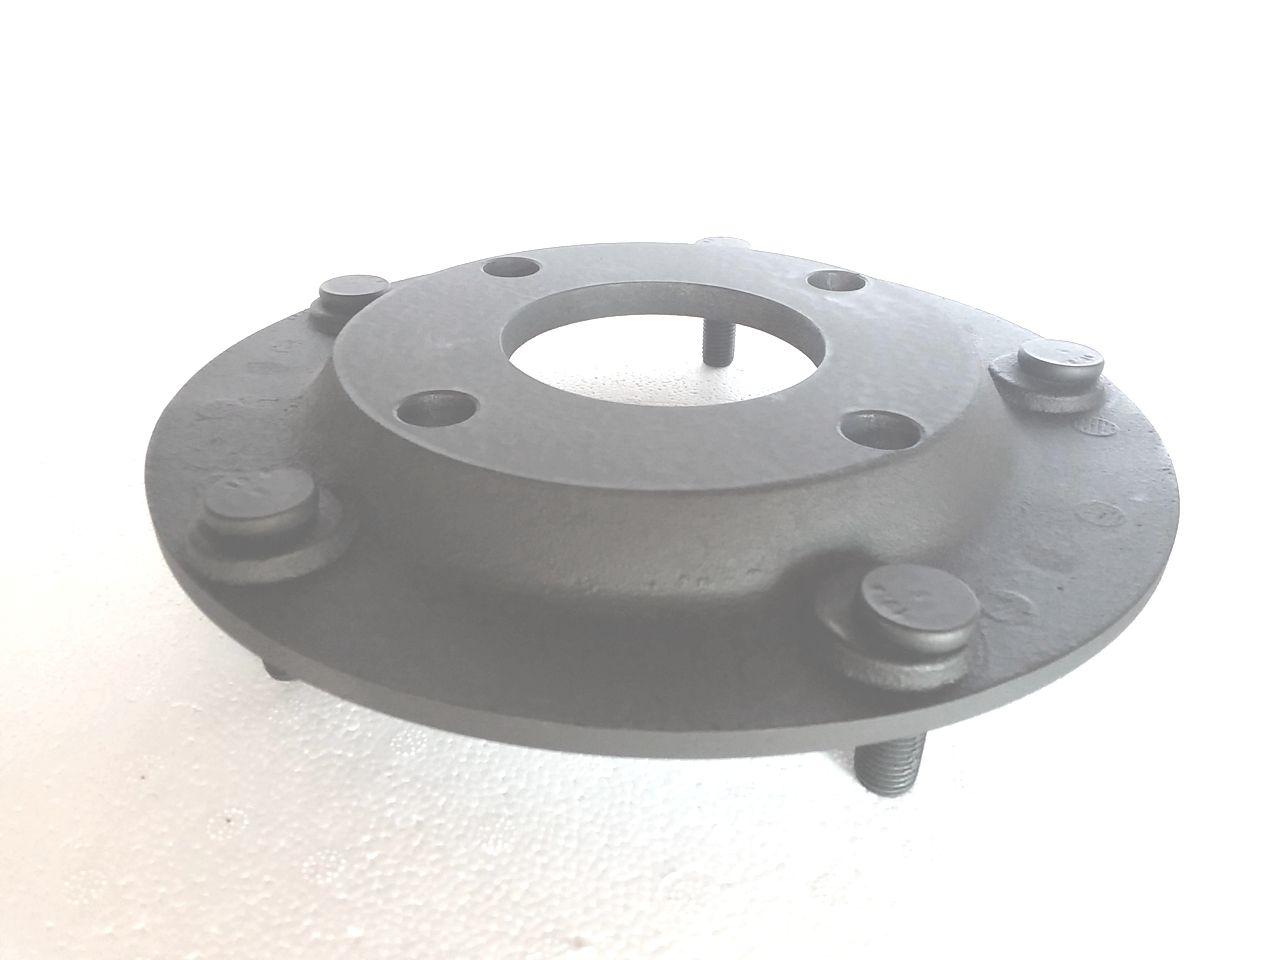 04 Pçs Adaptador De Roda De Fusca 4 F 4x130mm P/ 5x205mm PRIZI